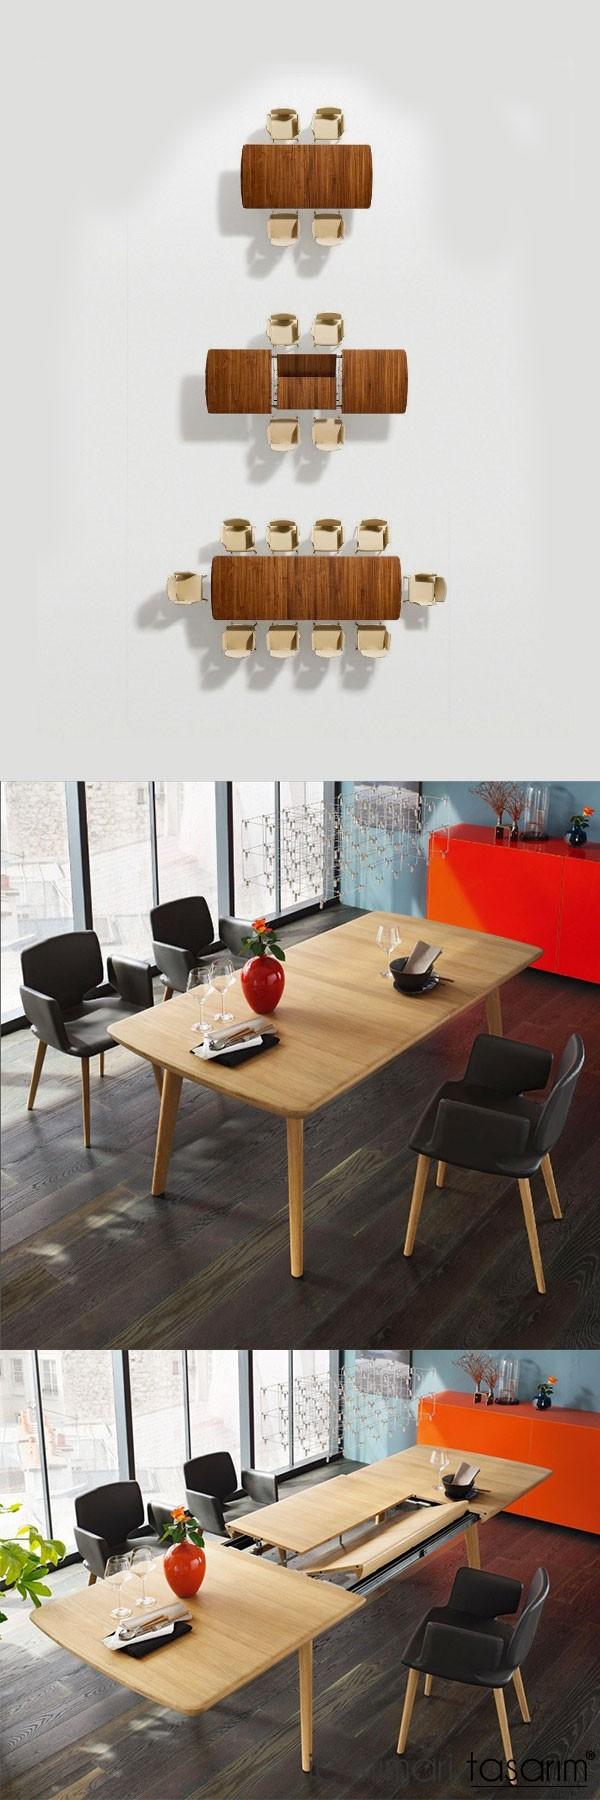 muhteşem-açılır-kapanır-masa-tasarımları (6)